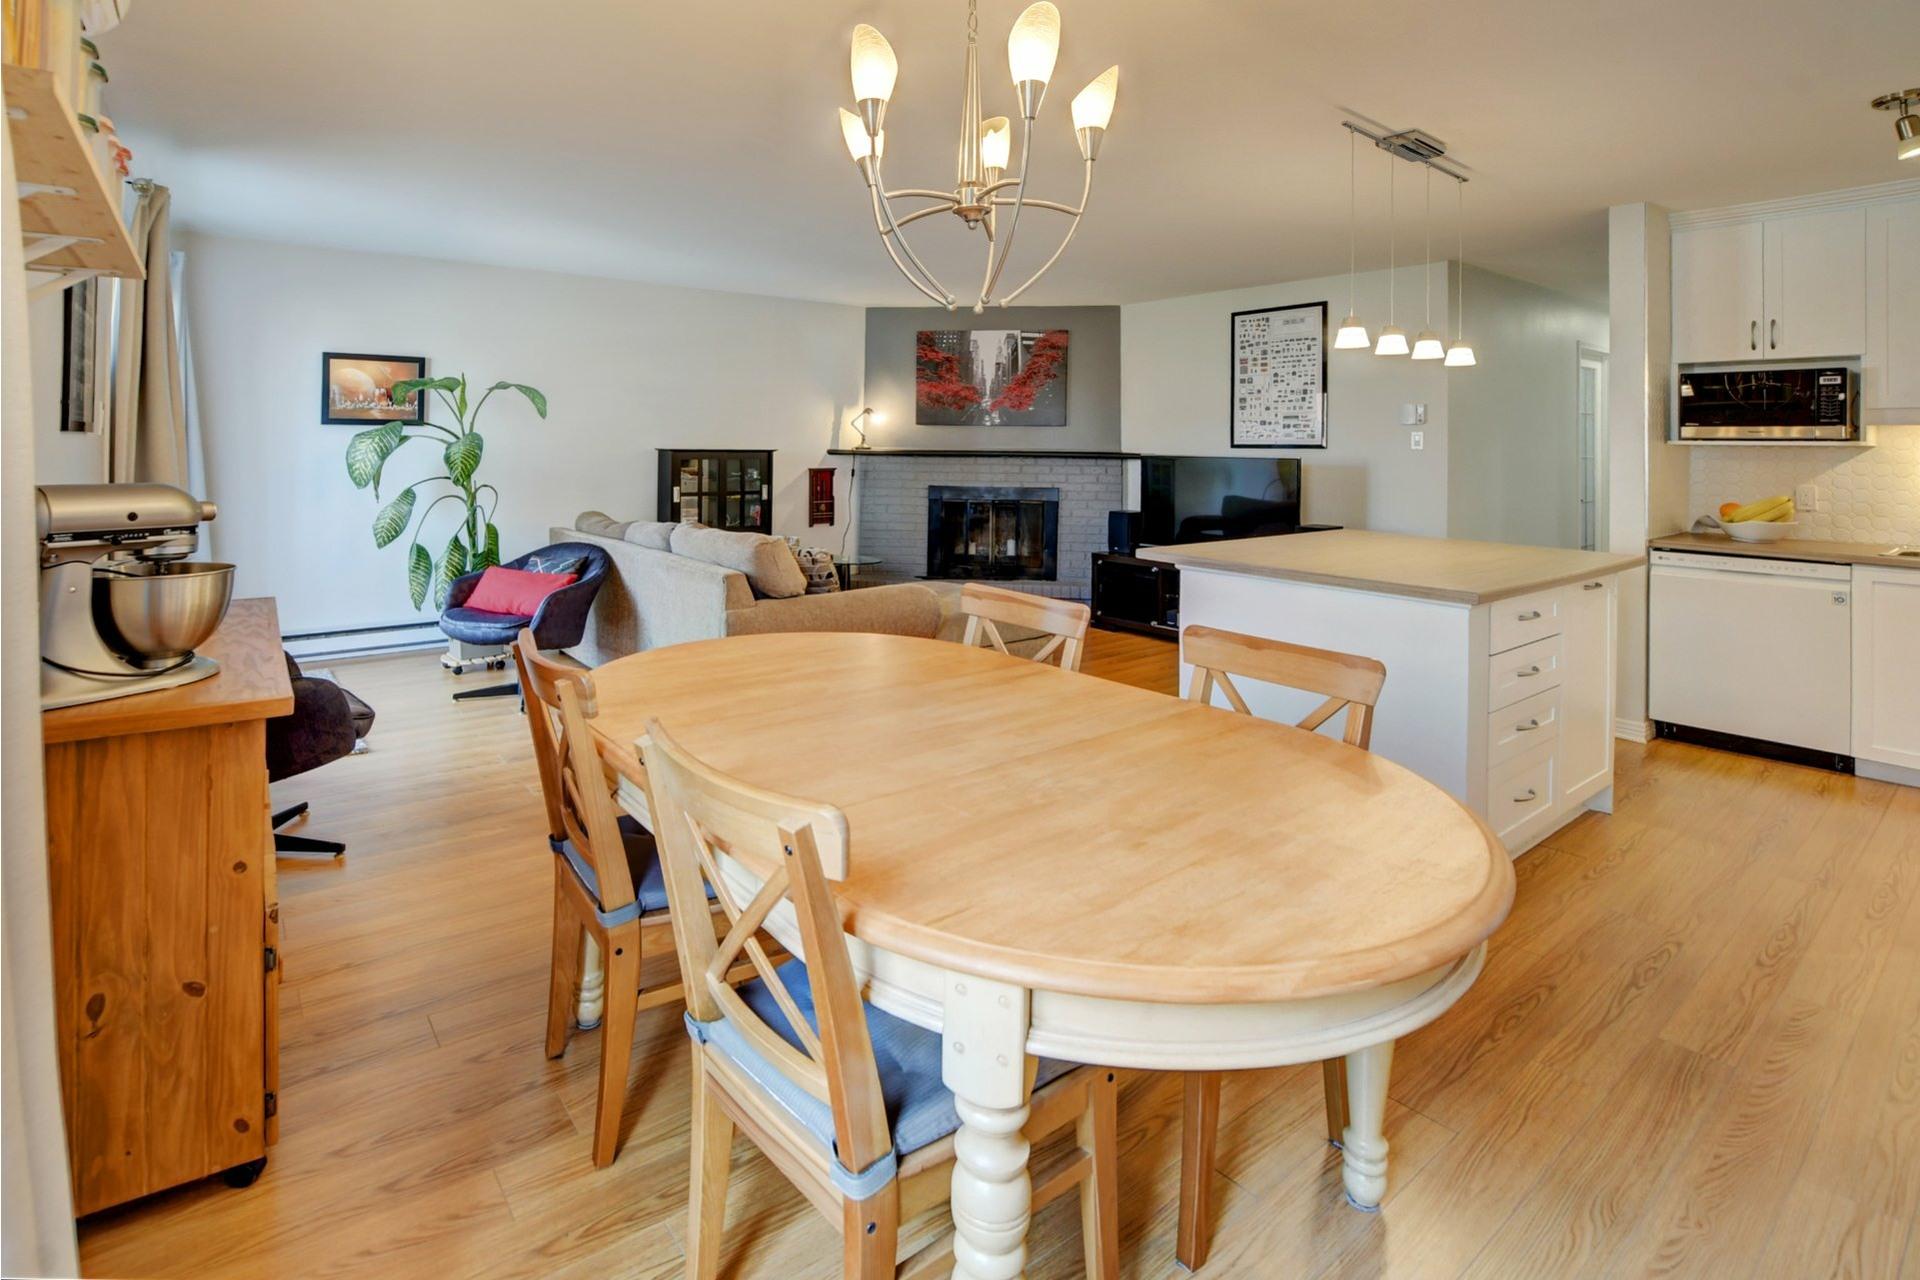 image 8 - Apartment For sale Rivière-des-Prairies/Pointe-aux-Trembles Montréal  - 9 rooms